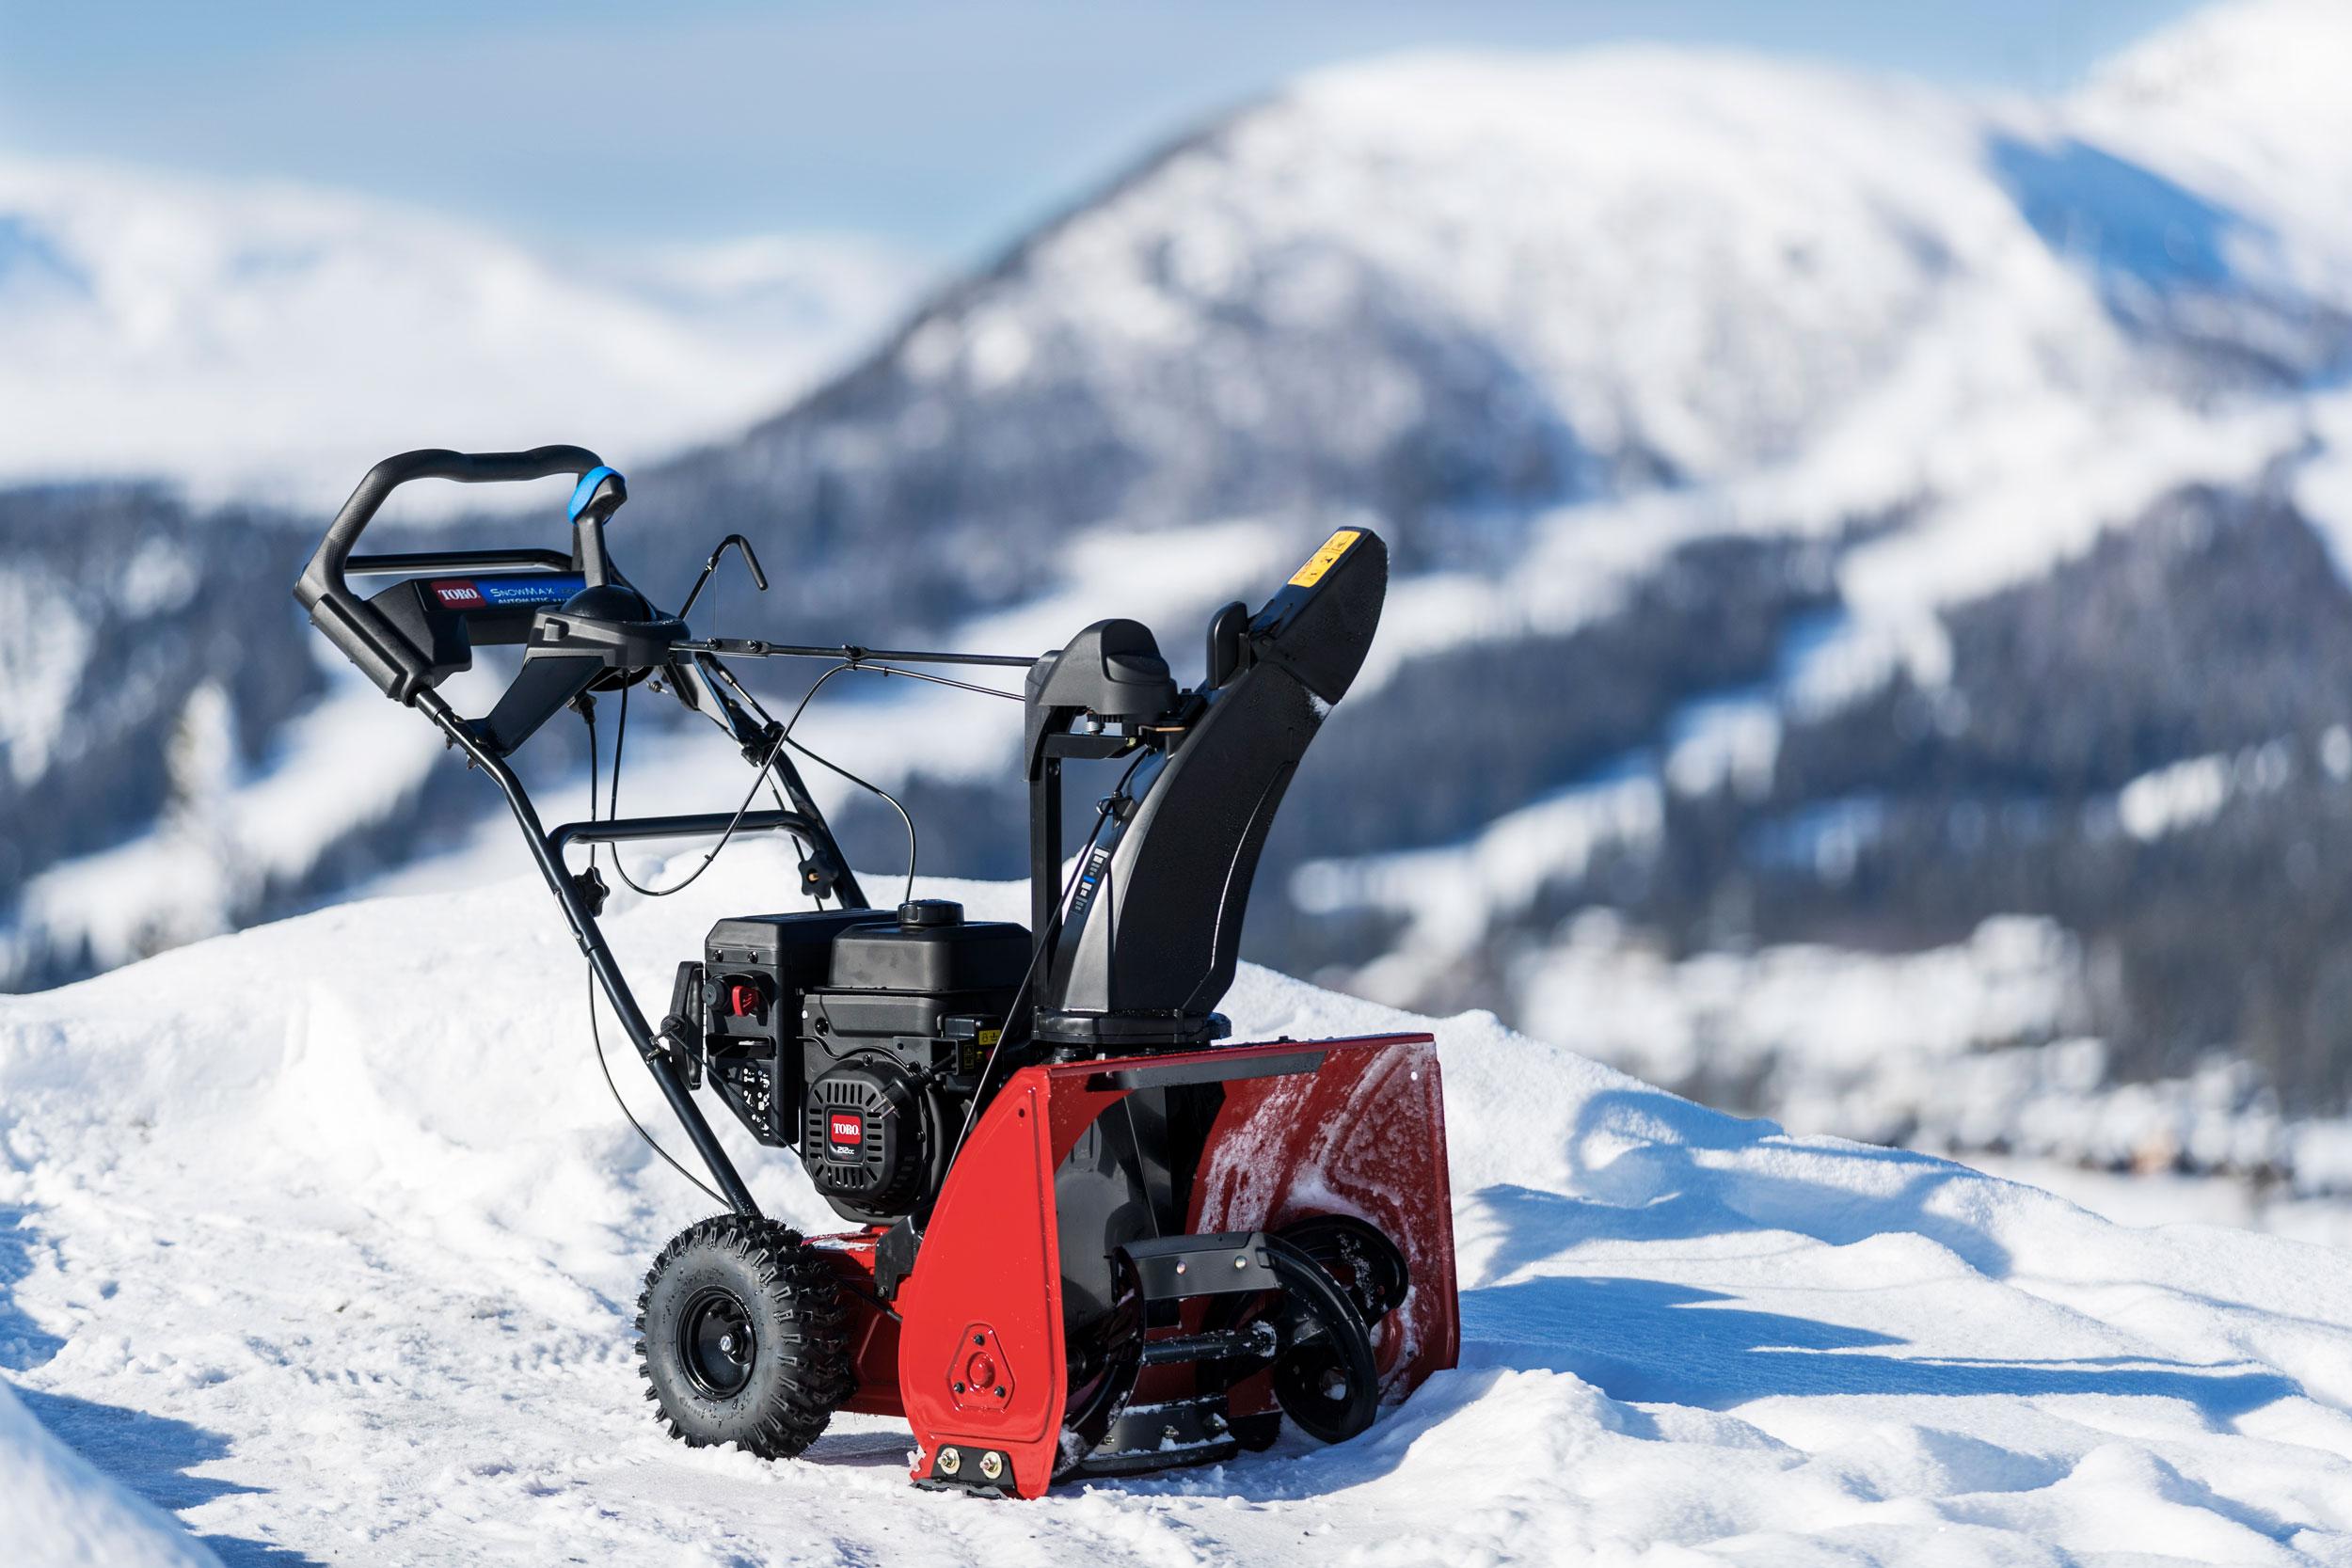 Лучшие самоходные бензиновые снегоуборщики: топ-10 моделей рейтинг 2020 года с описанием технических характеристик